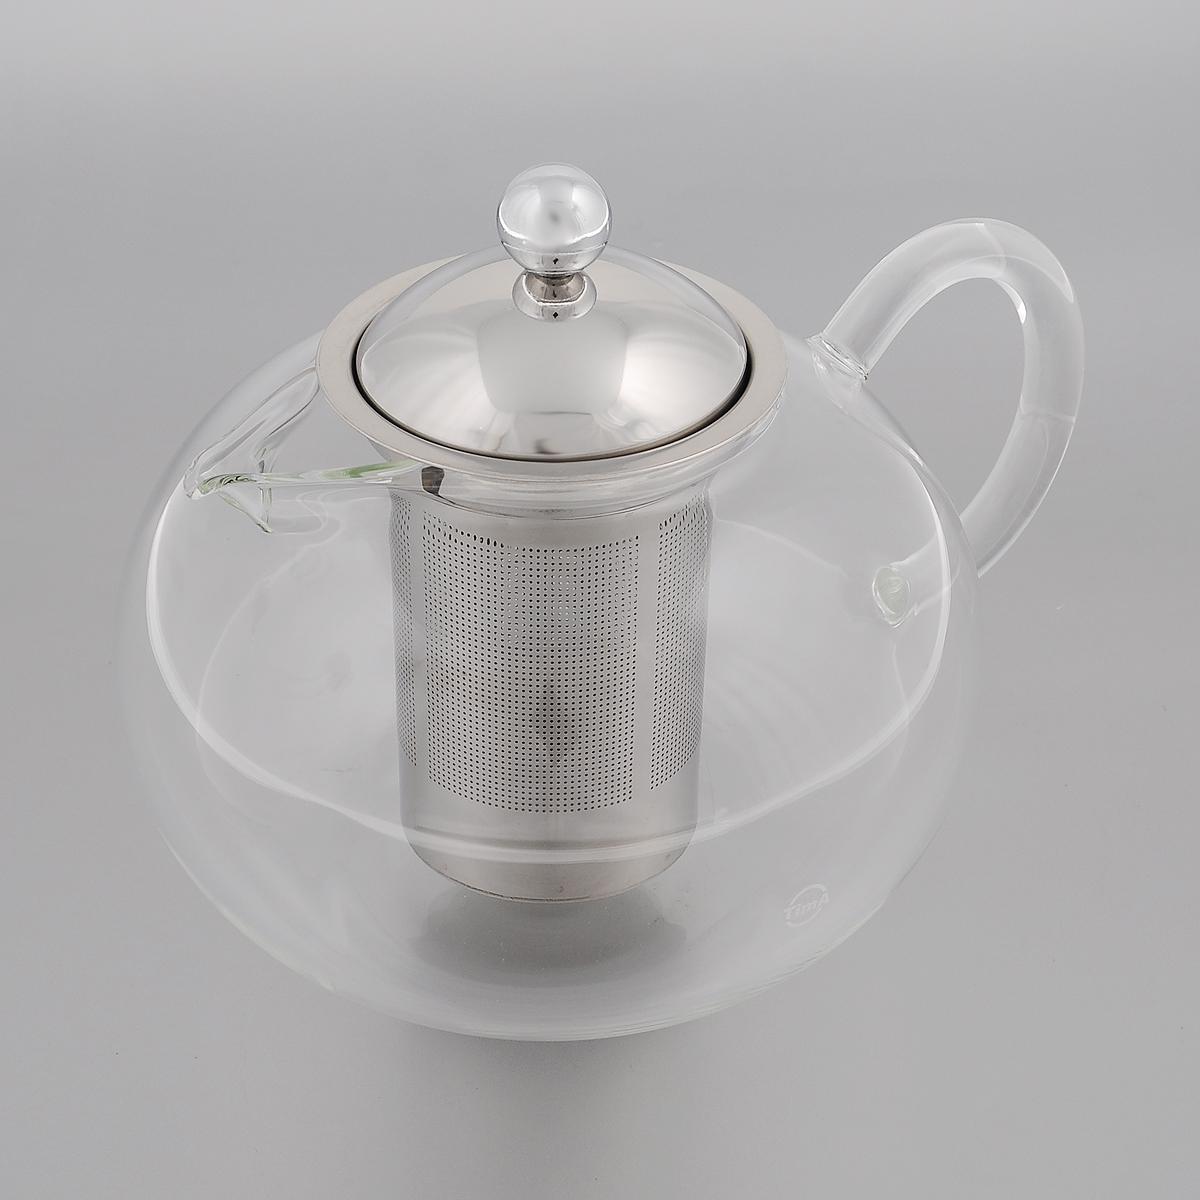 """Заварочный чайник TimA """"Бергамот"""" изготовлен из термостойкого боросиликатного стекла - прочного износостойкого материала. Чайник оснащен фильтром и крышкой из нержавеющей стали. Простой и удобный чайник поможет вам приготовить крепкий, ароматный чай.  Дизайн изделия создает гипнотическую атмосферу через сочетание полупрозрачного цвета и хромированных элементов.  Можно мыть в посудомоечной машине. Не использовать в микроволновой печи. Диаметр (по верхнему краю): 7,5 см. Высота (без учета крышки): 10,5 см. Высота фильтра: 10 см."""